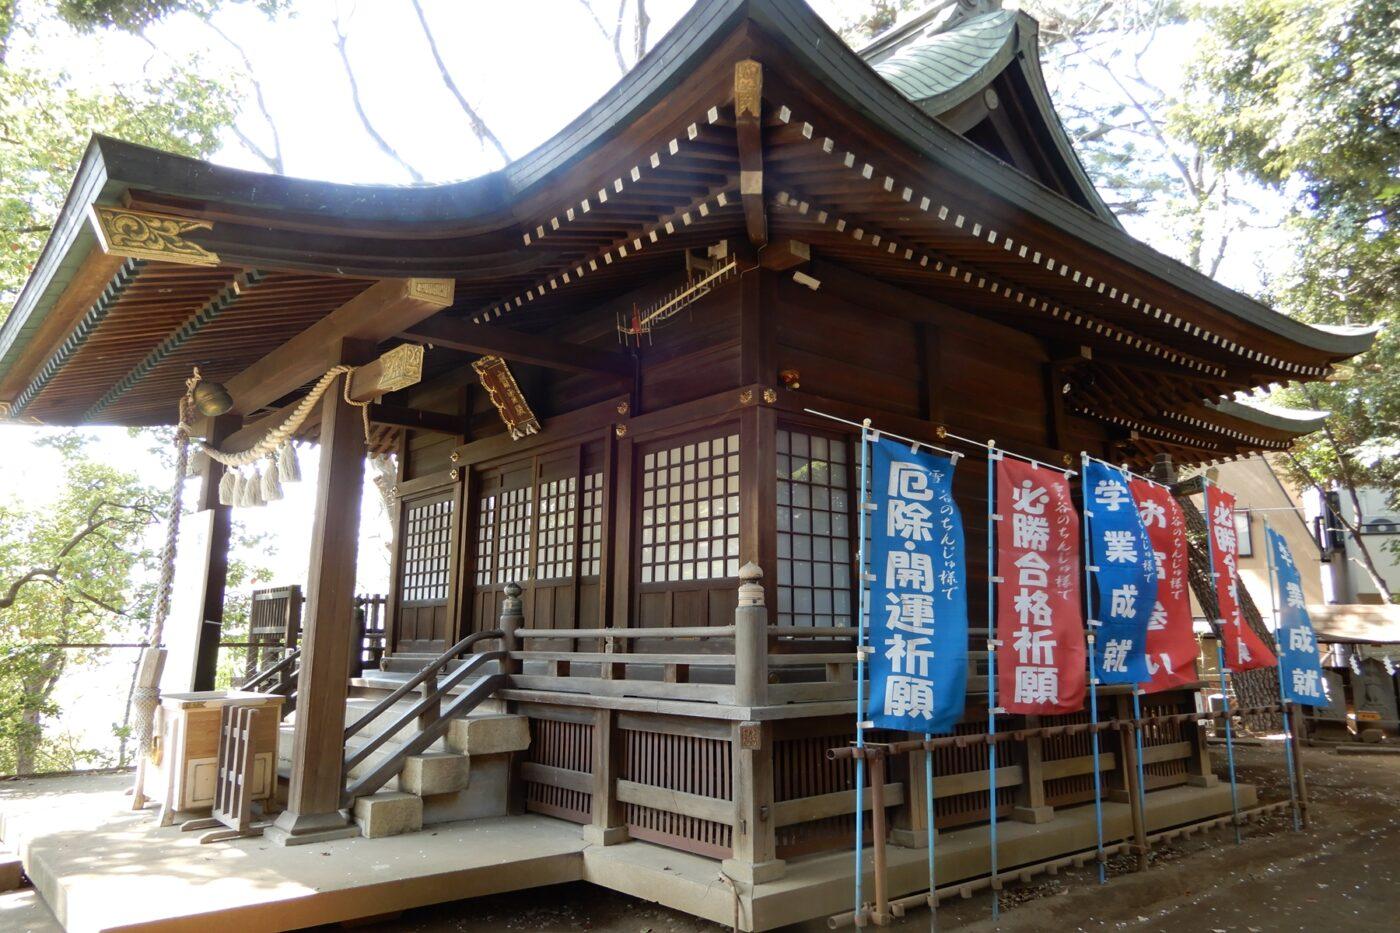 雪ヶ谷八幡神社の写真